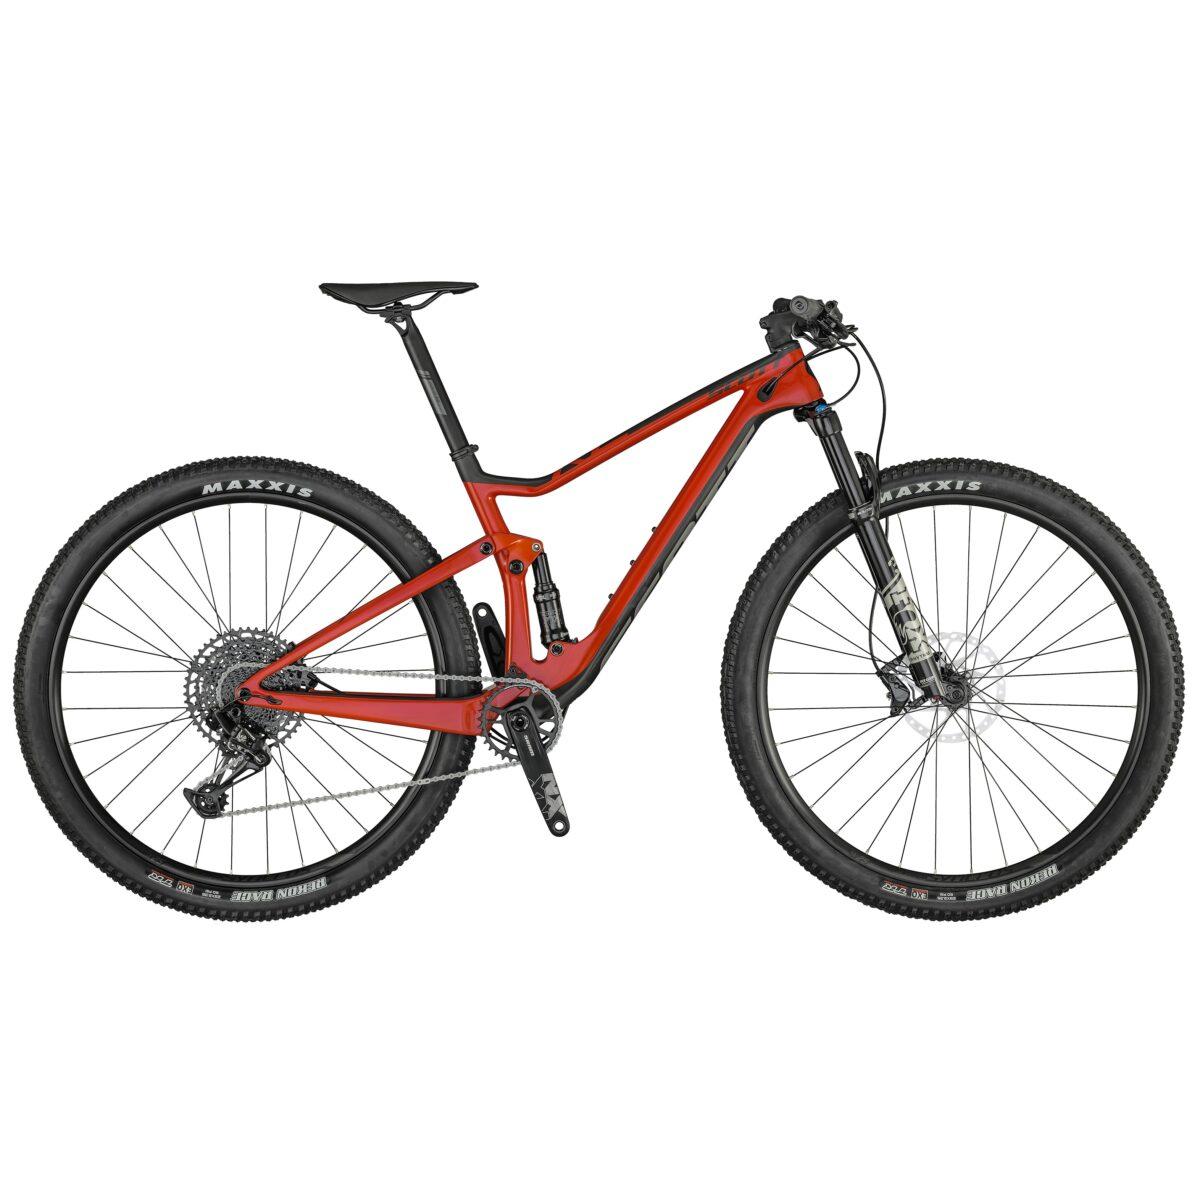 BICICLETA-SCOTT-SPARK-900-COMP color RED